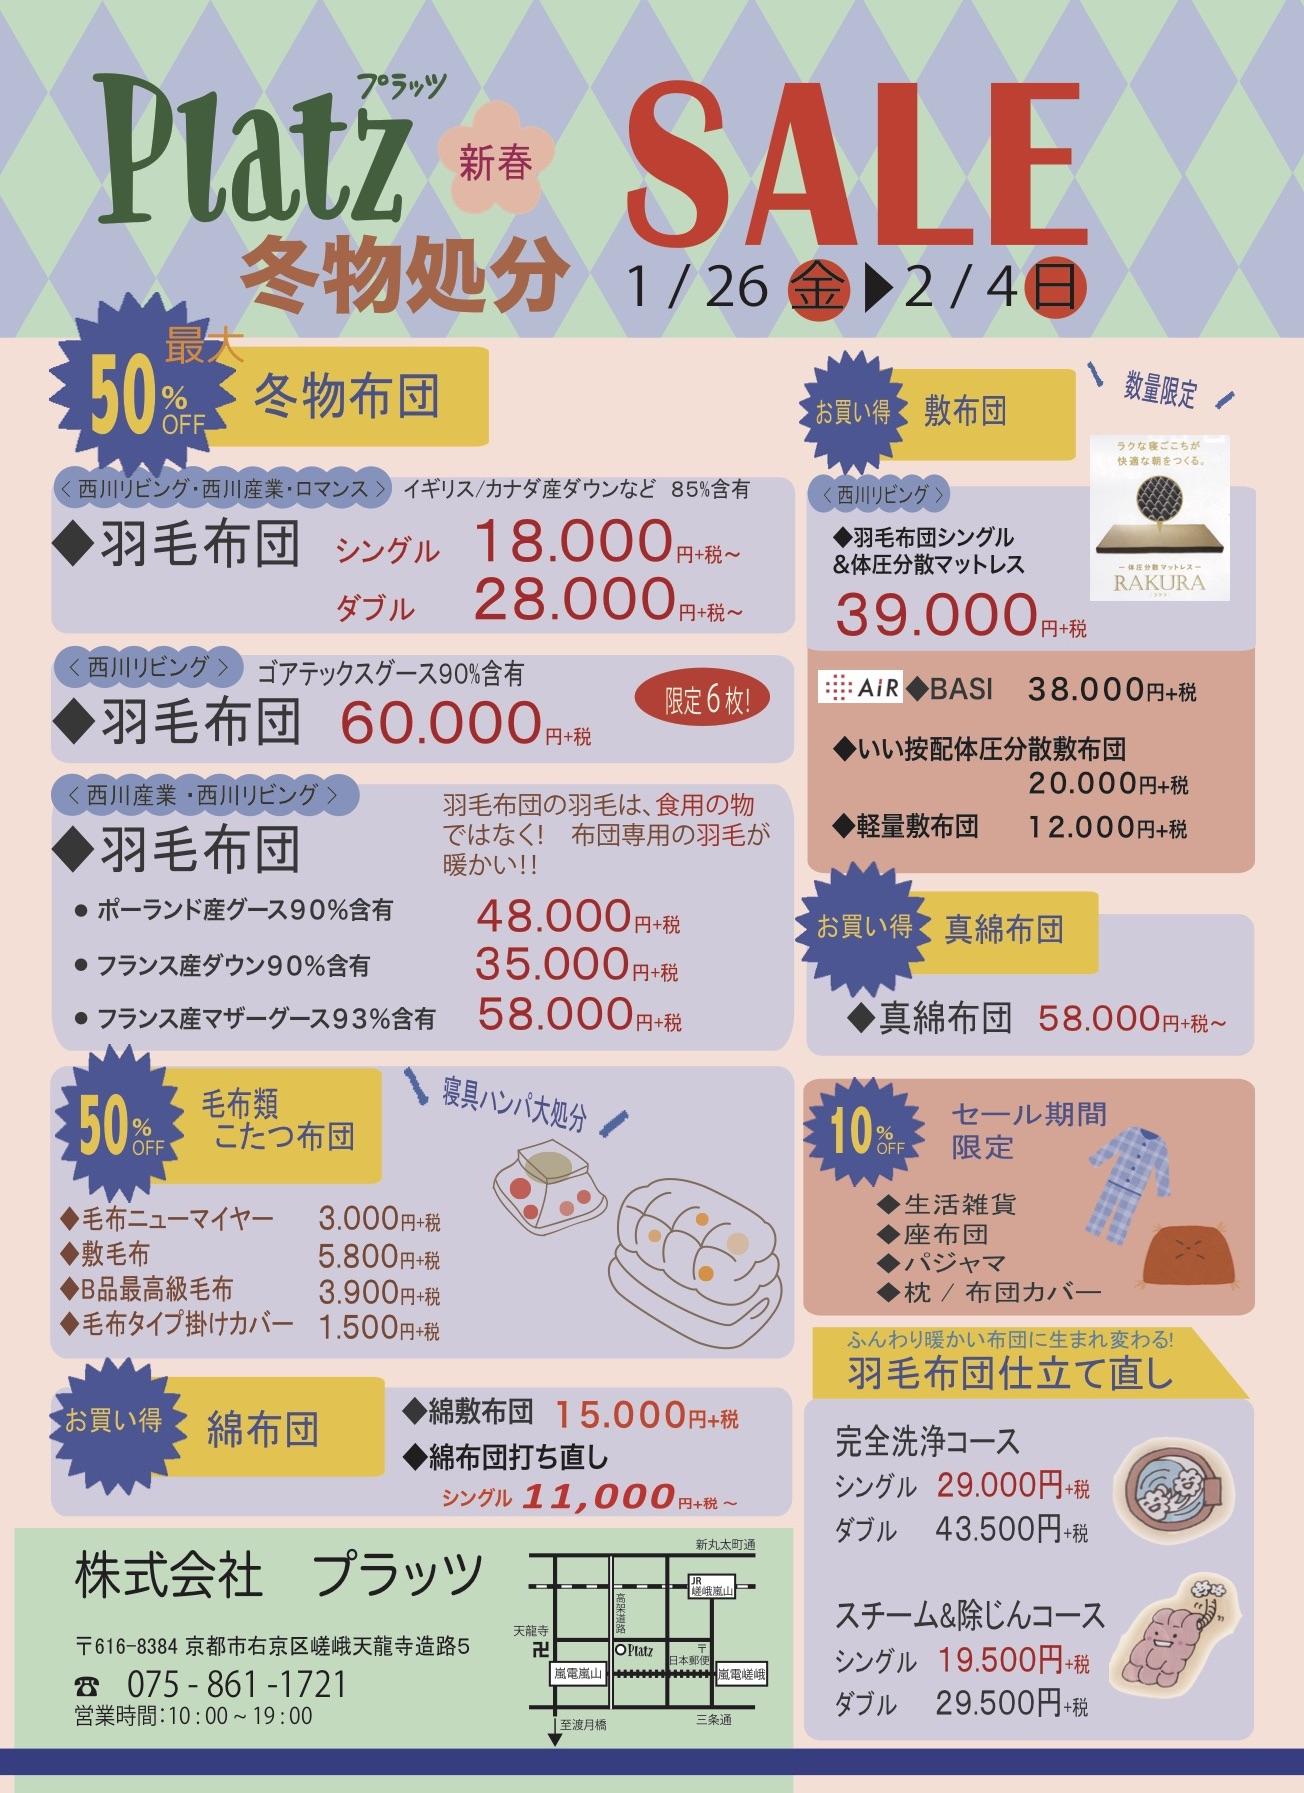 http://www.kyoto-platz.jp/news/images/%E6%96%B0%E6%98%A5%E3%82%BB%E3%83%BC%E3%83%AB%E3%83%81%E3%83%A9%E3%82%B7%E3%81%AE%E3%82%B3%E3%83%94%E3%83%BC.jpg